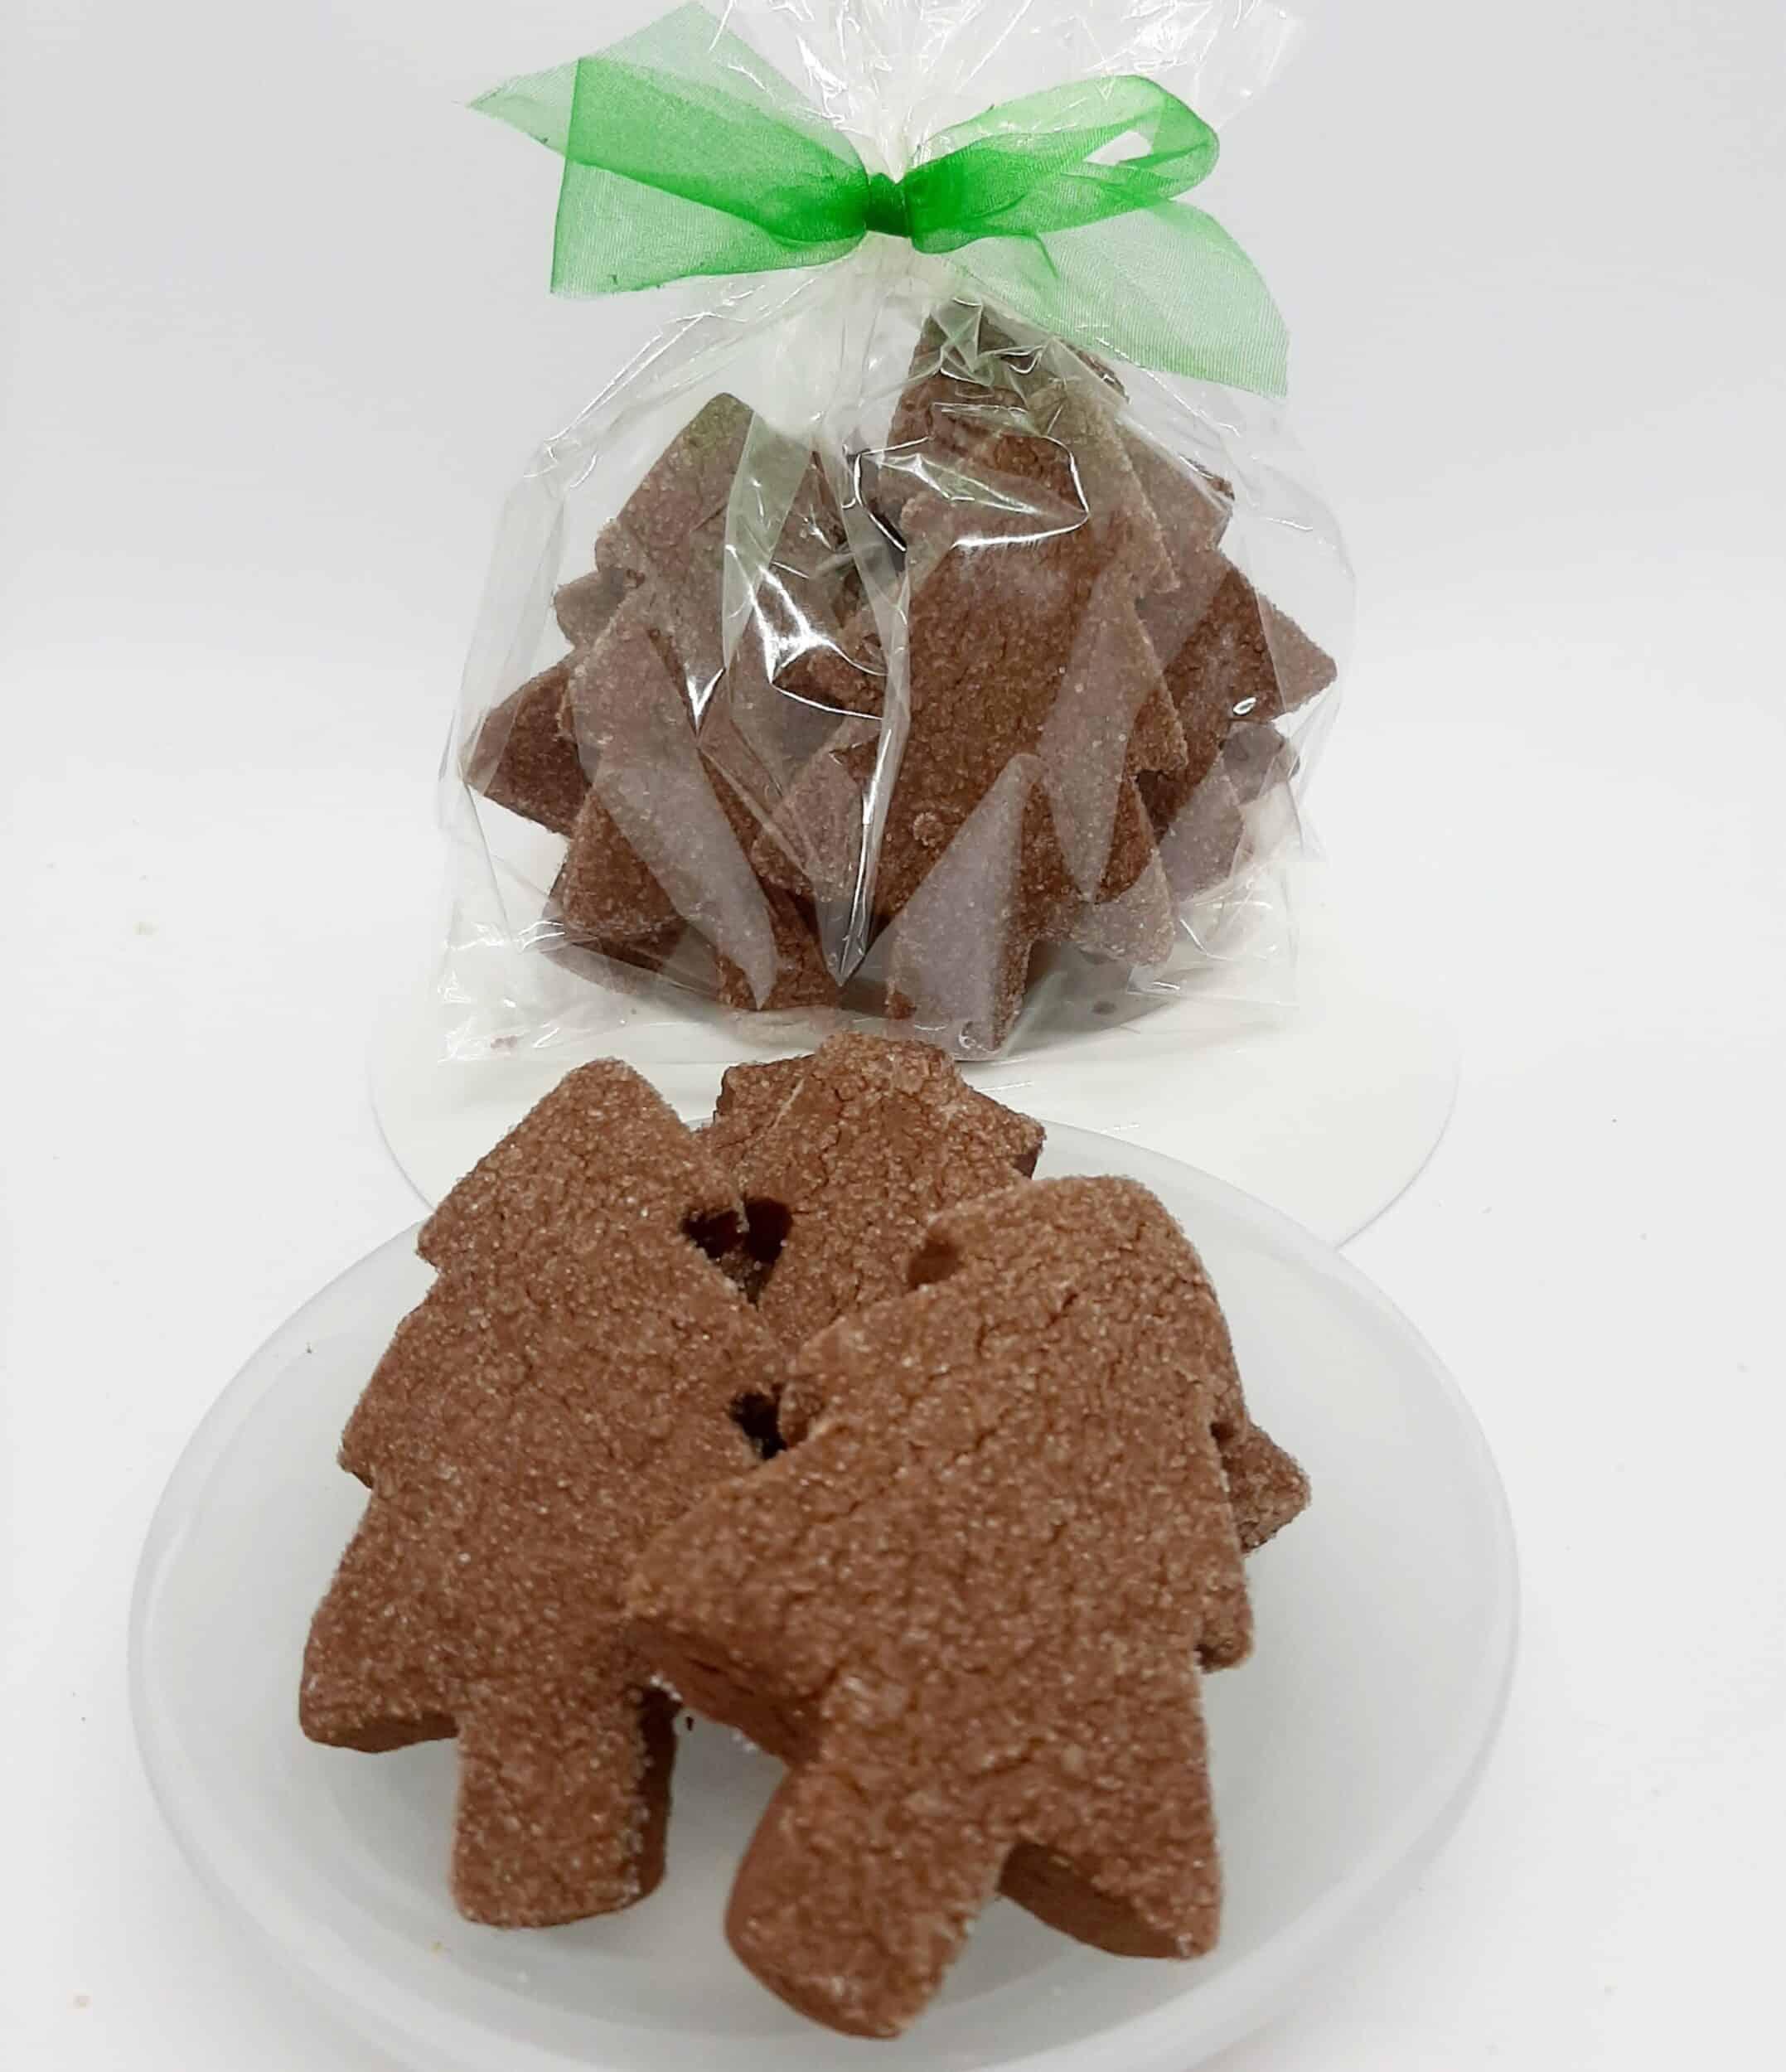 GF Chocolate Shortbread